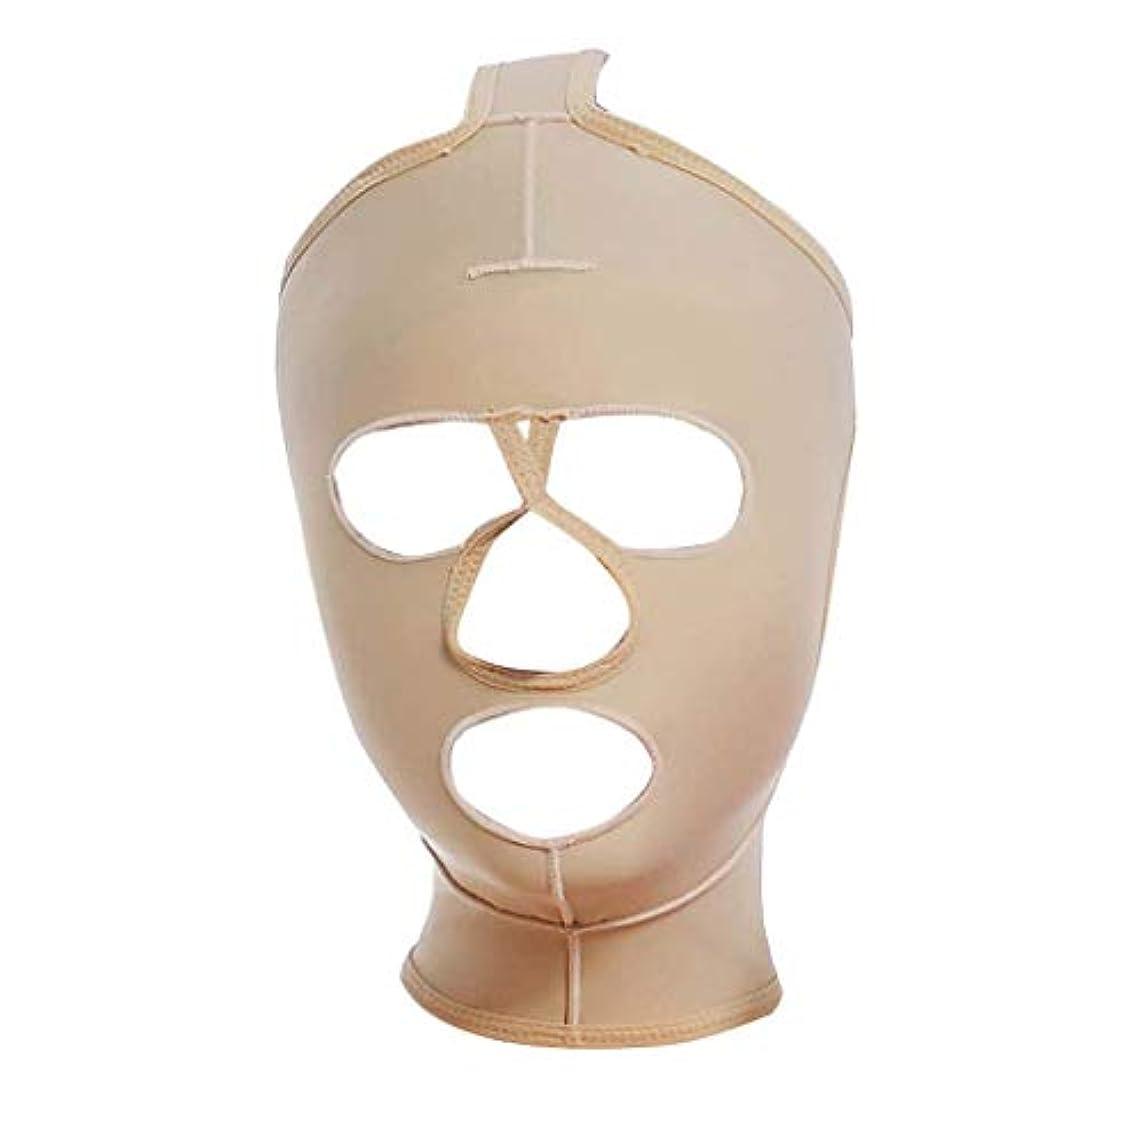 偽善無駄だちらつきフェイス&ネックリフト、減量フェイスマスク脂肪吸引術脂肪吸引術整形マスクフードフェイスリフティングアーティファクトVフェイスビームフェイス弾性スリーブ(サイズ:XXL),XXL